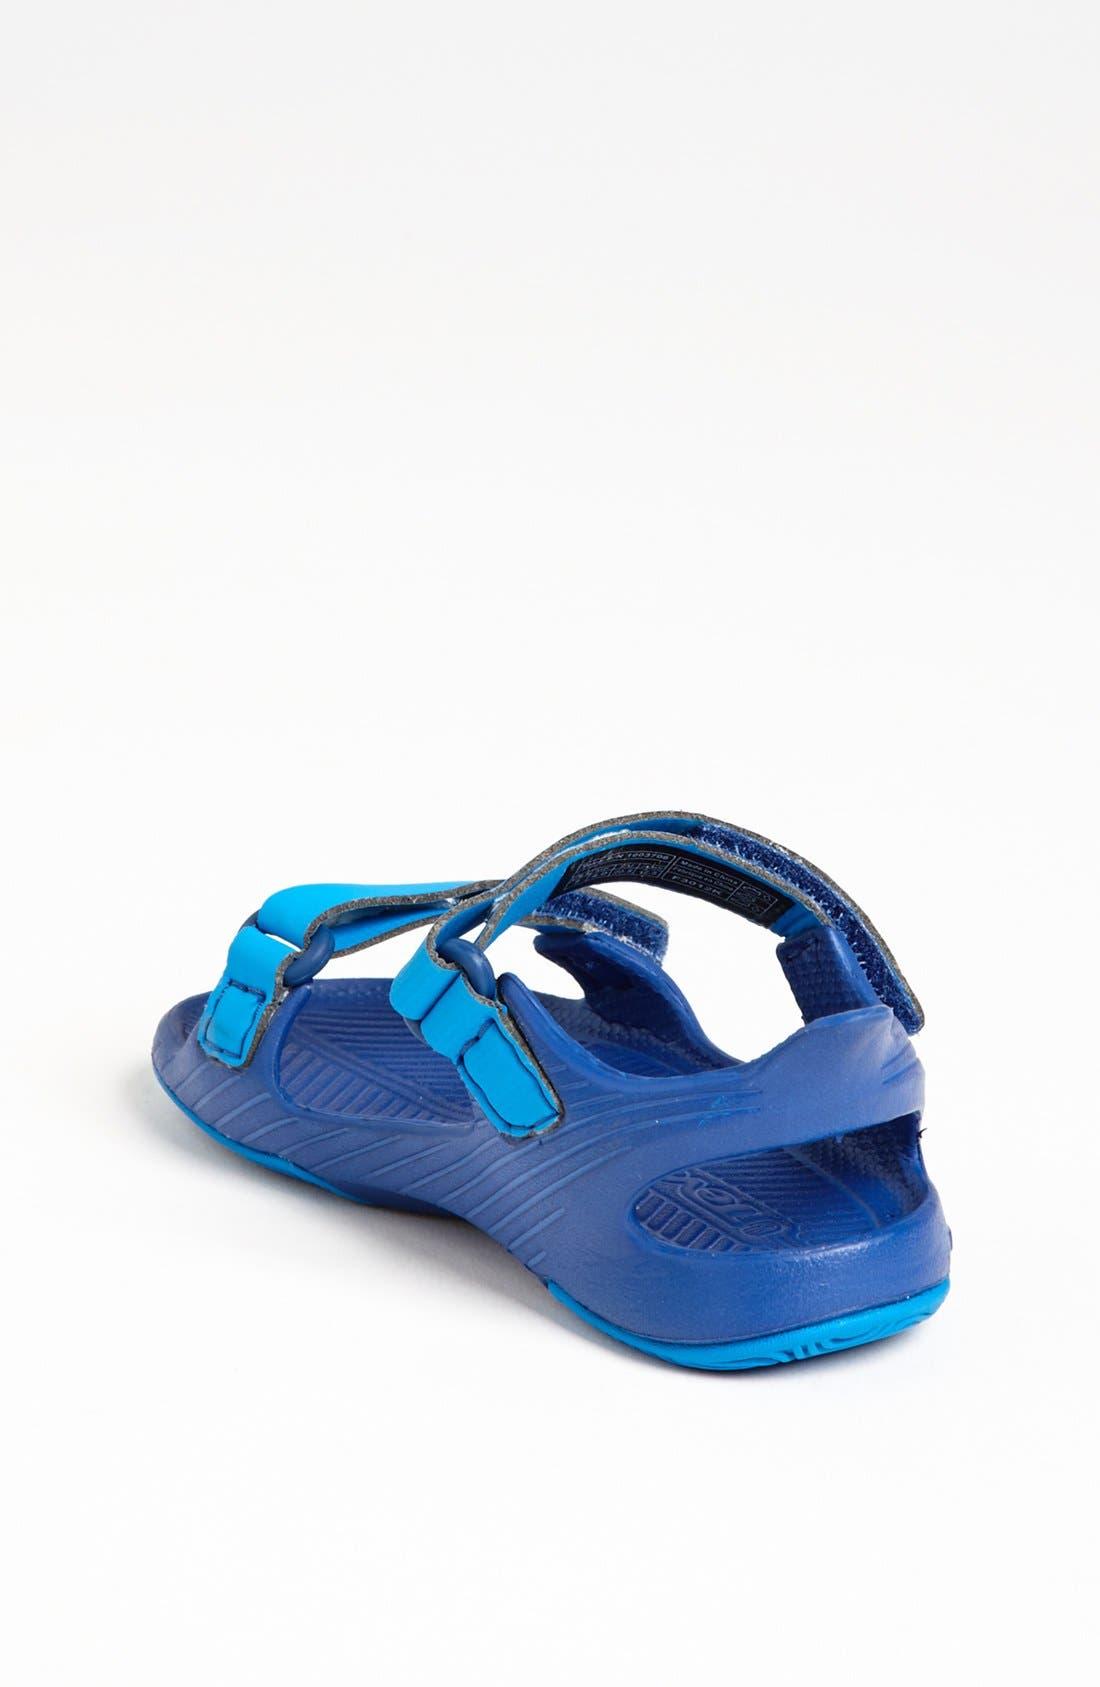 Alternate Image 2  - Teva 'Barracuda' Sandal (Baby & Walker)